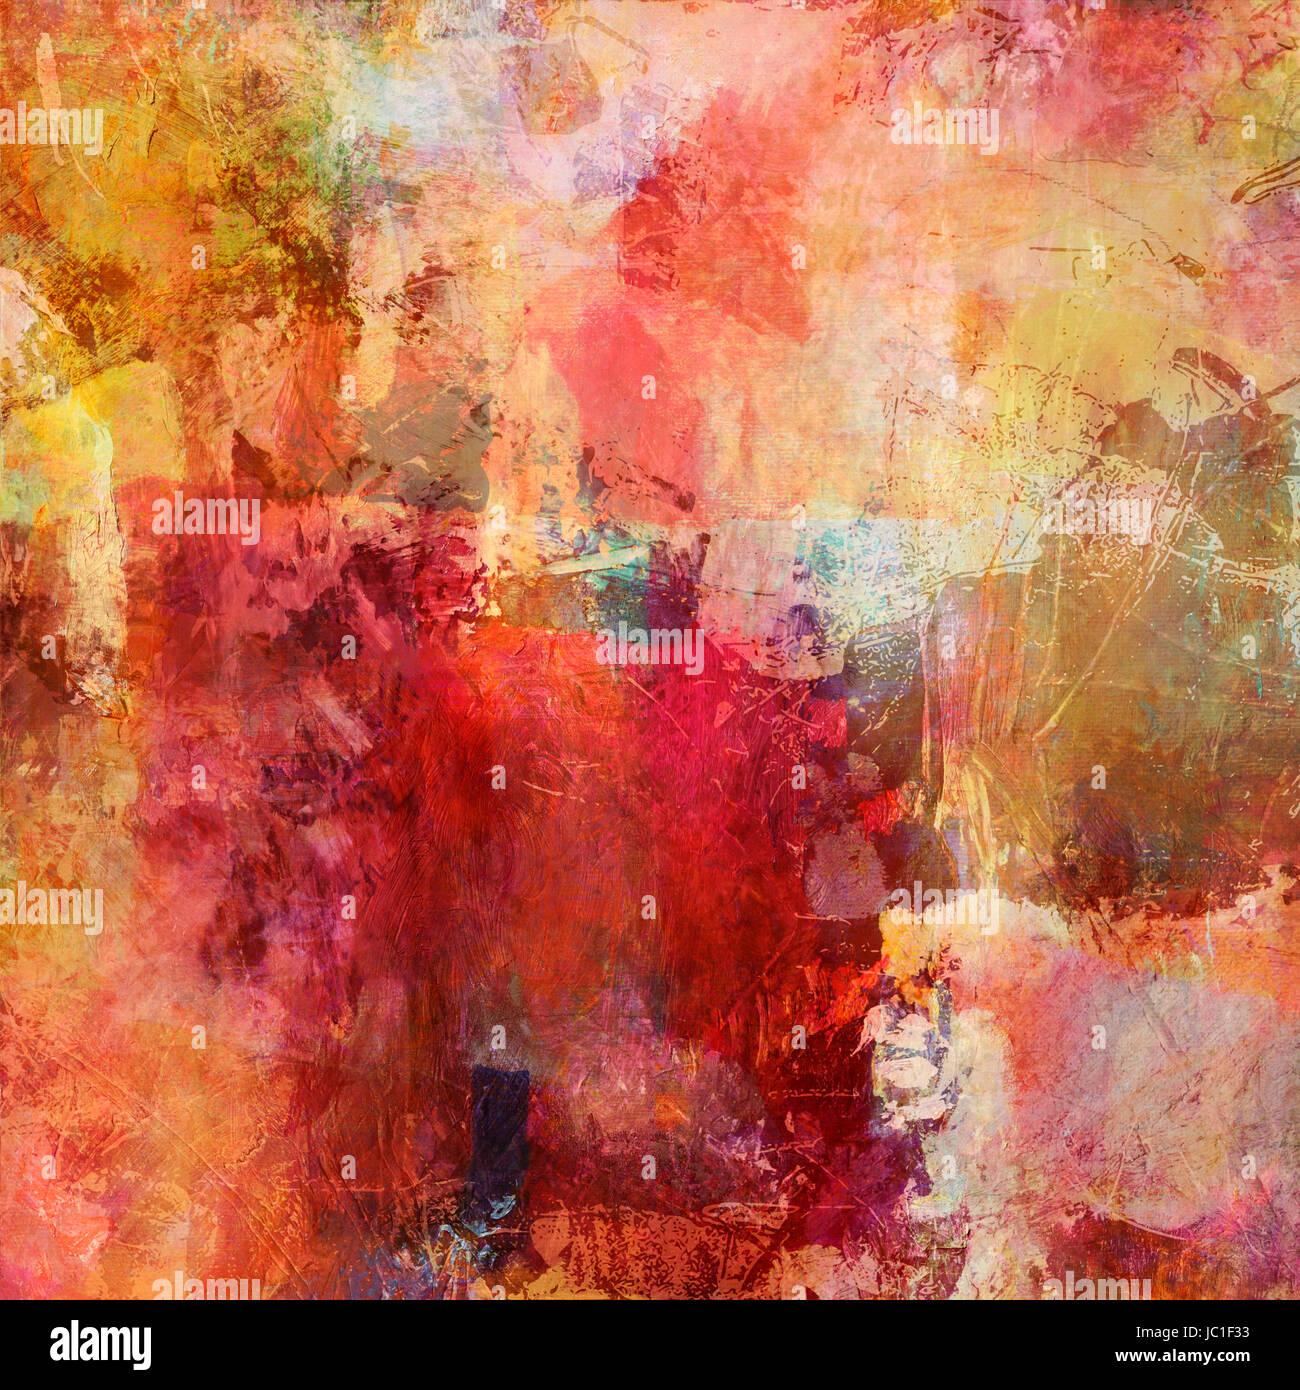 Abstrakte Kunst Leinwand abstrakte kunst - hand bemalte leinwand - kunstströmungen